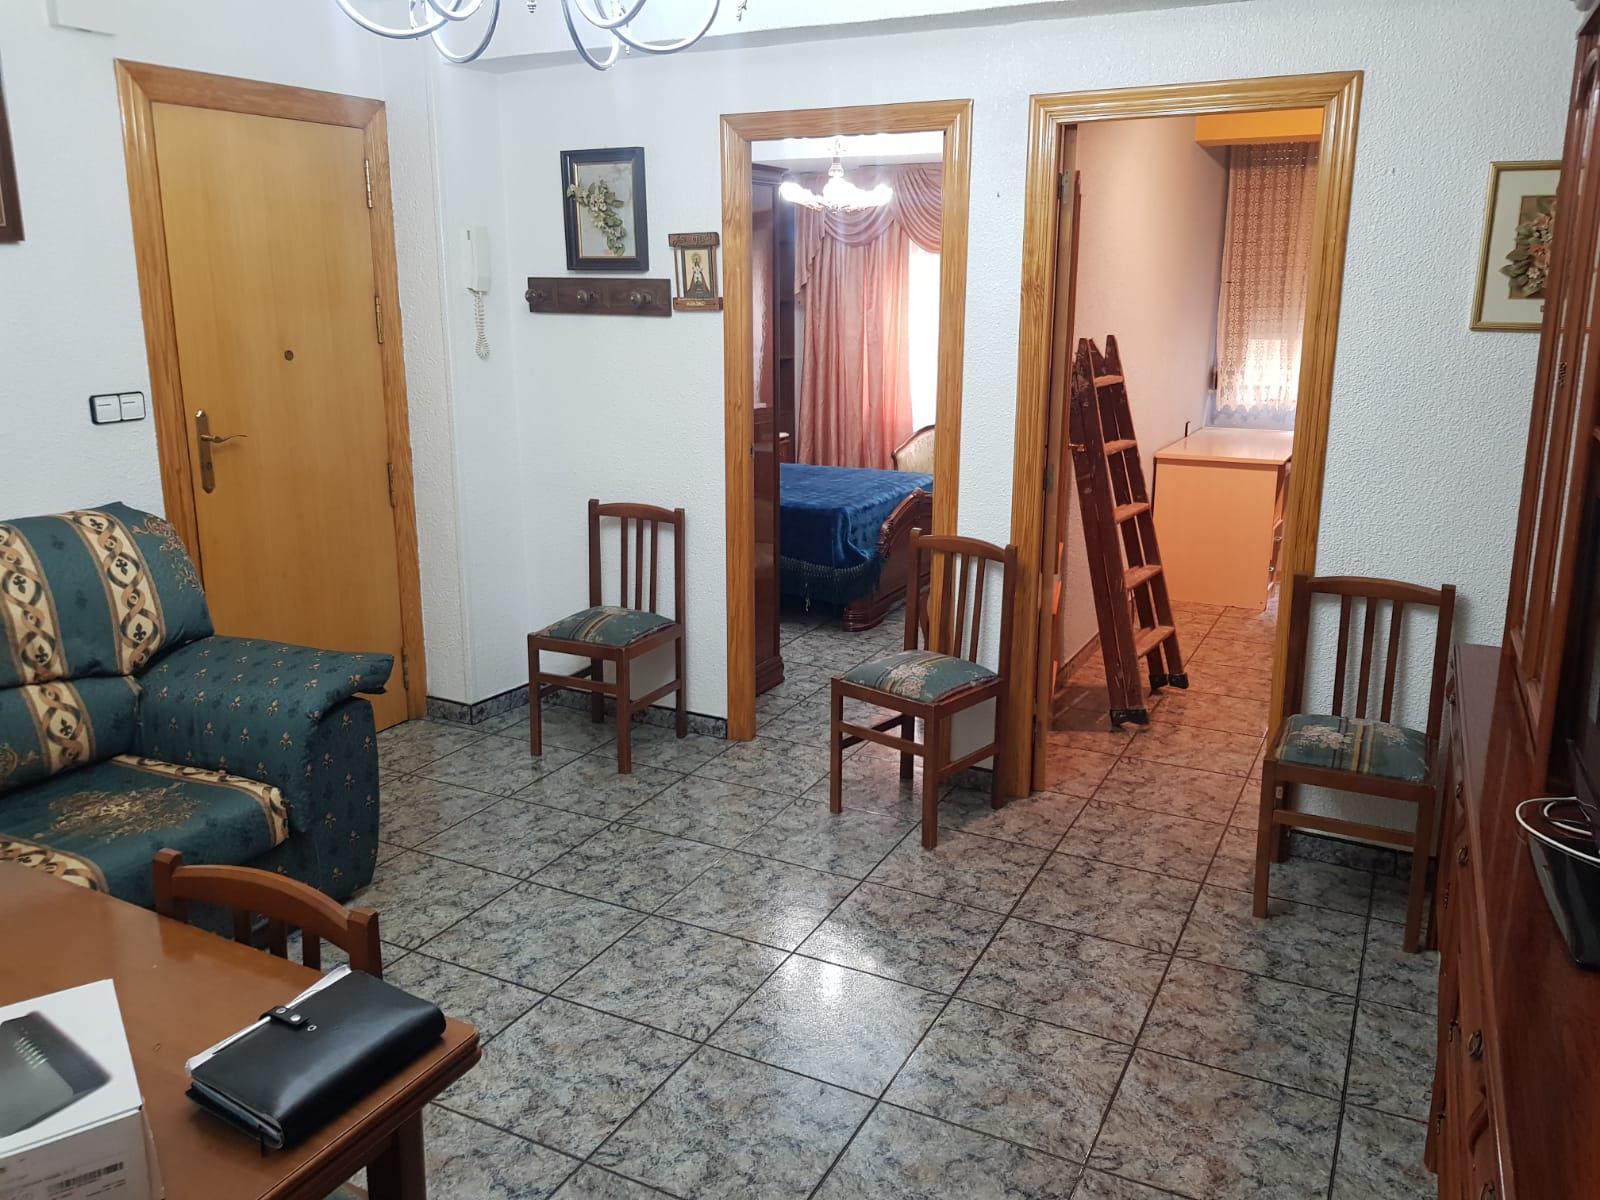 Imagen 2 Apartamento en venta en Elda / Piso primero en Elda, zona Acacias-Avenida de Madrid